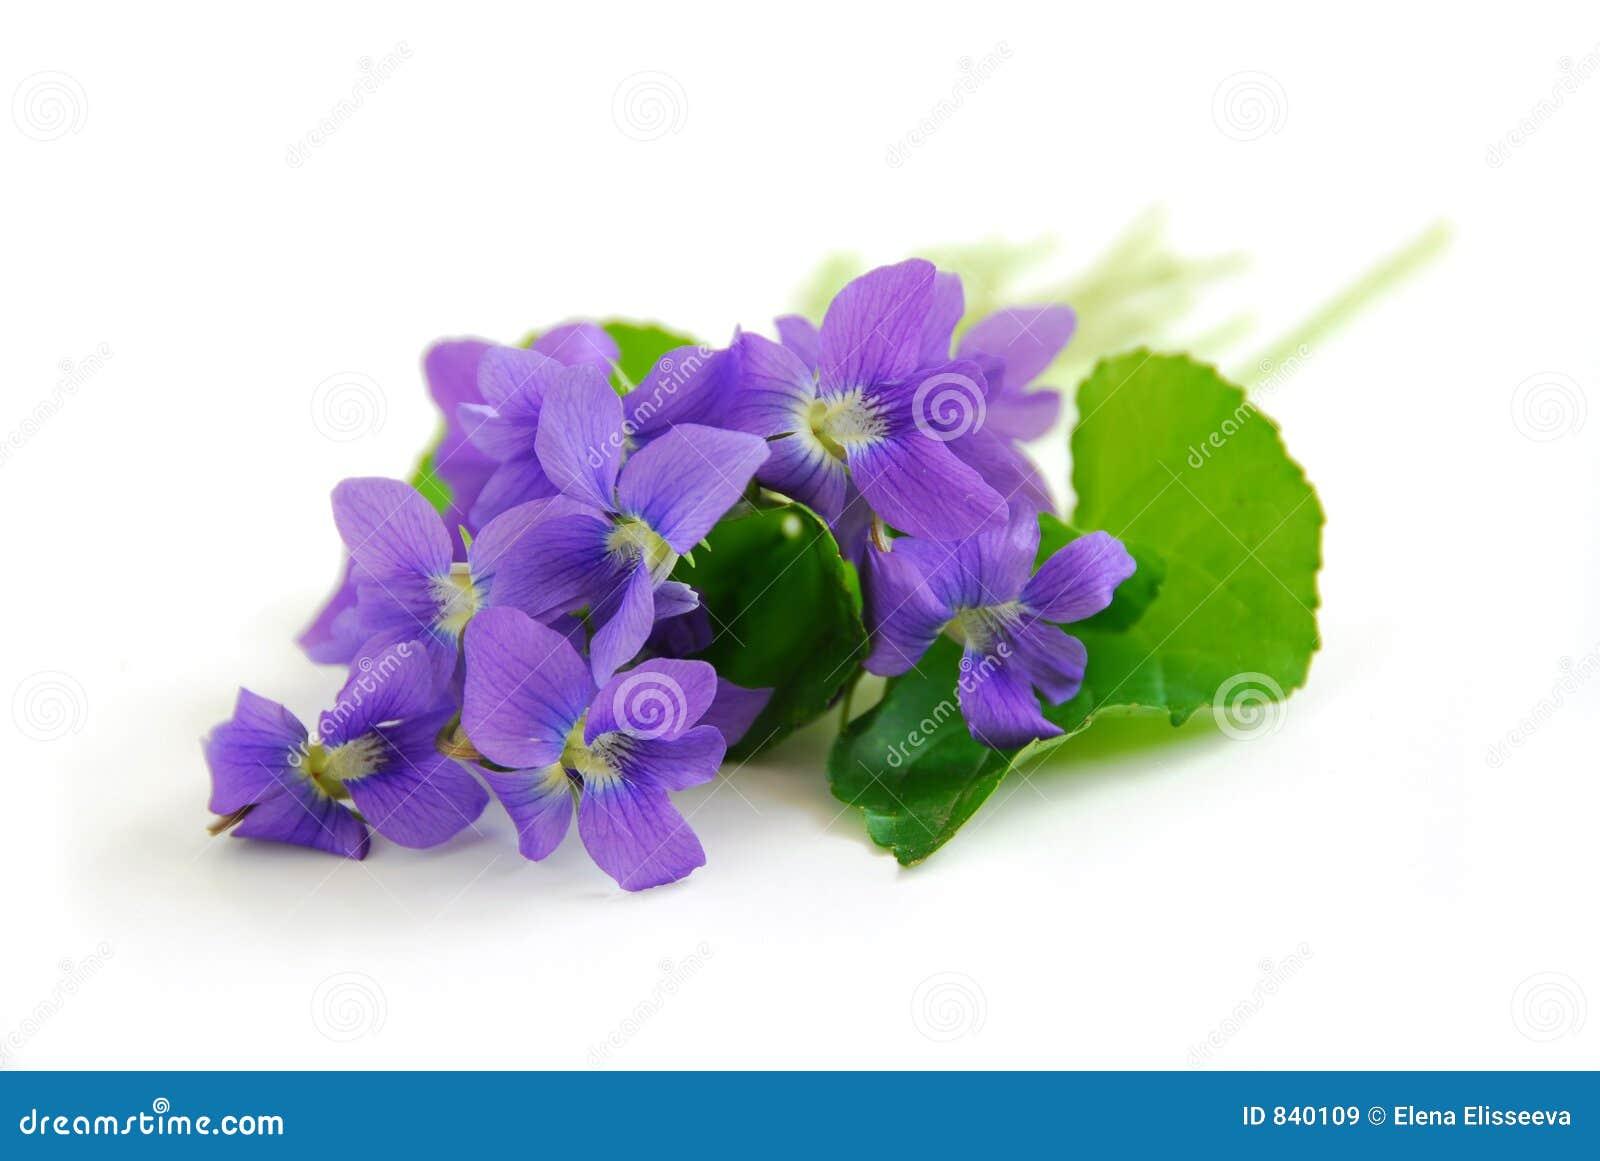 фиолеты предпосылки белые